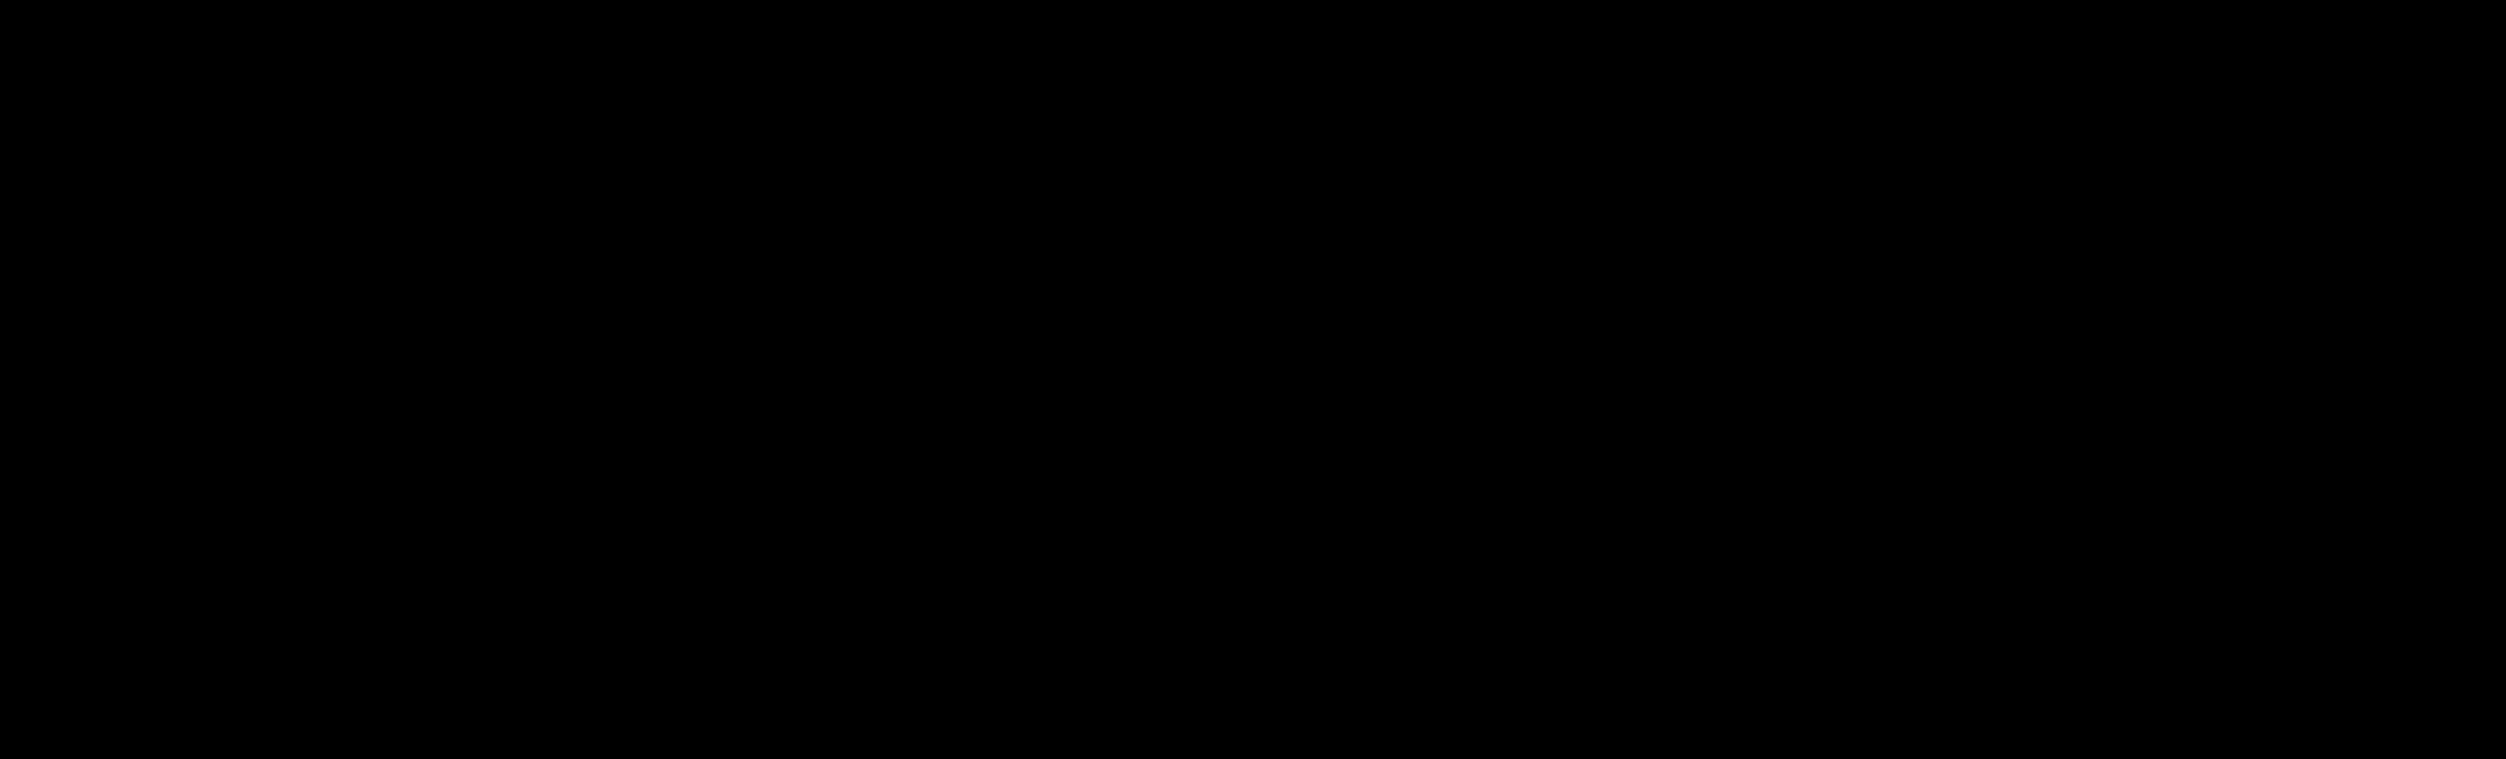 Fichier:Back Market.png — Wikipédia